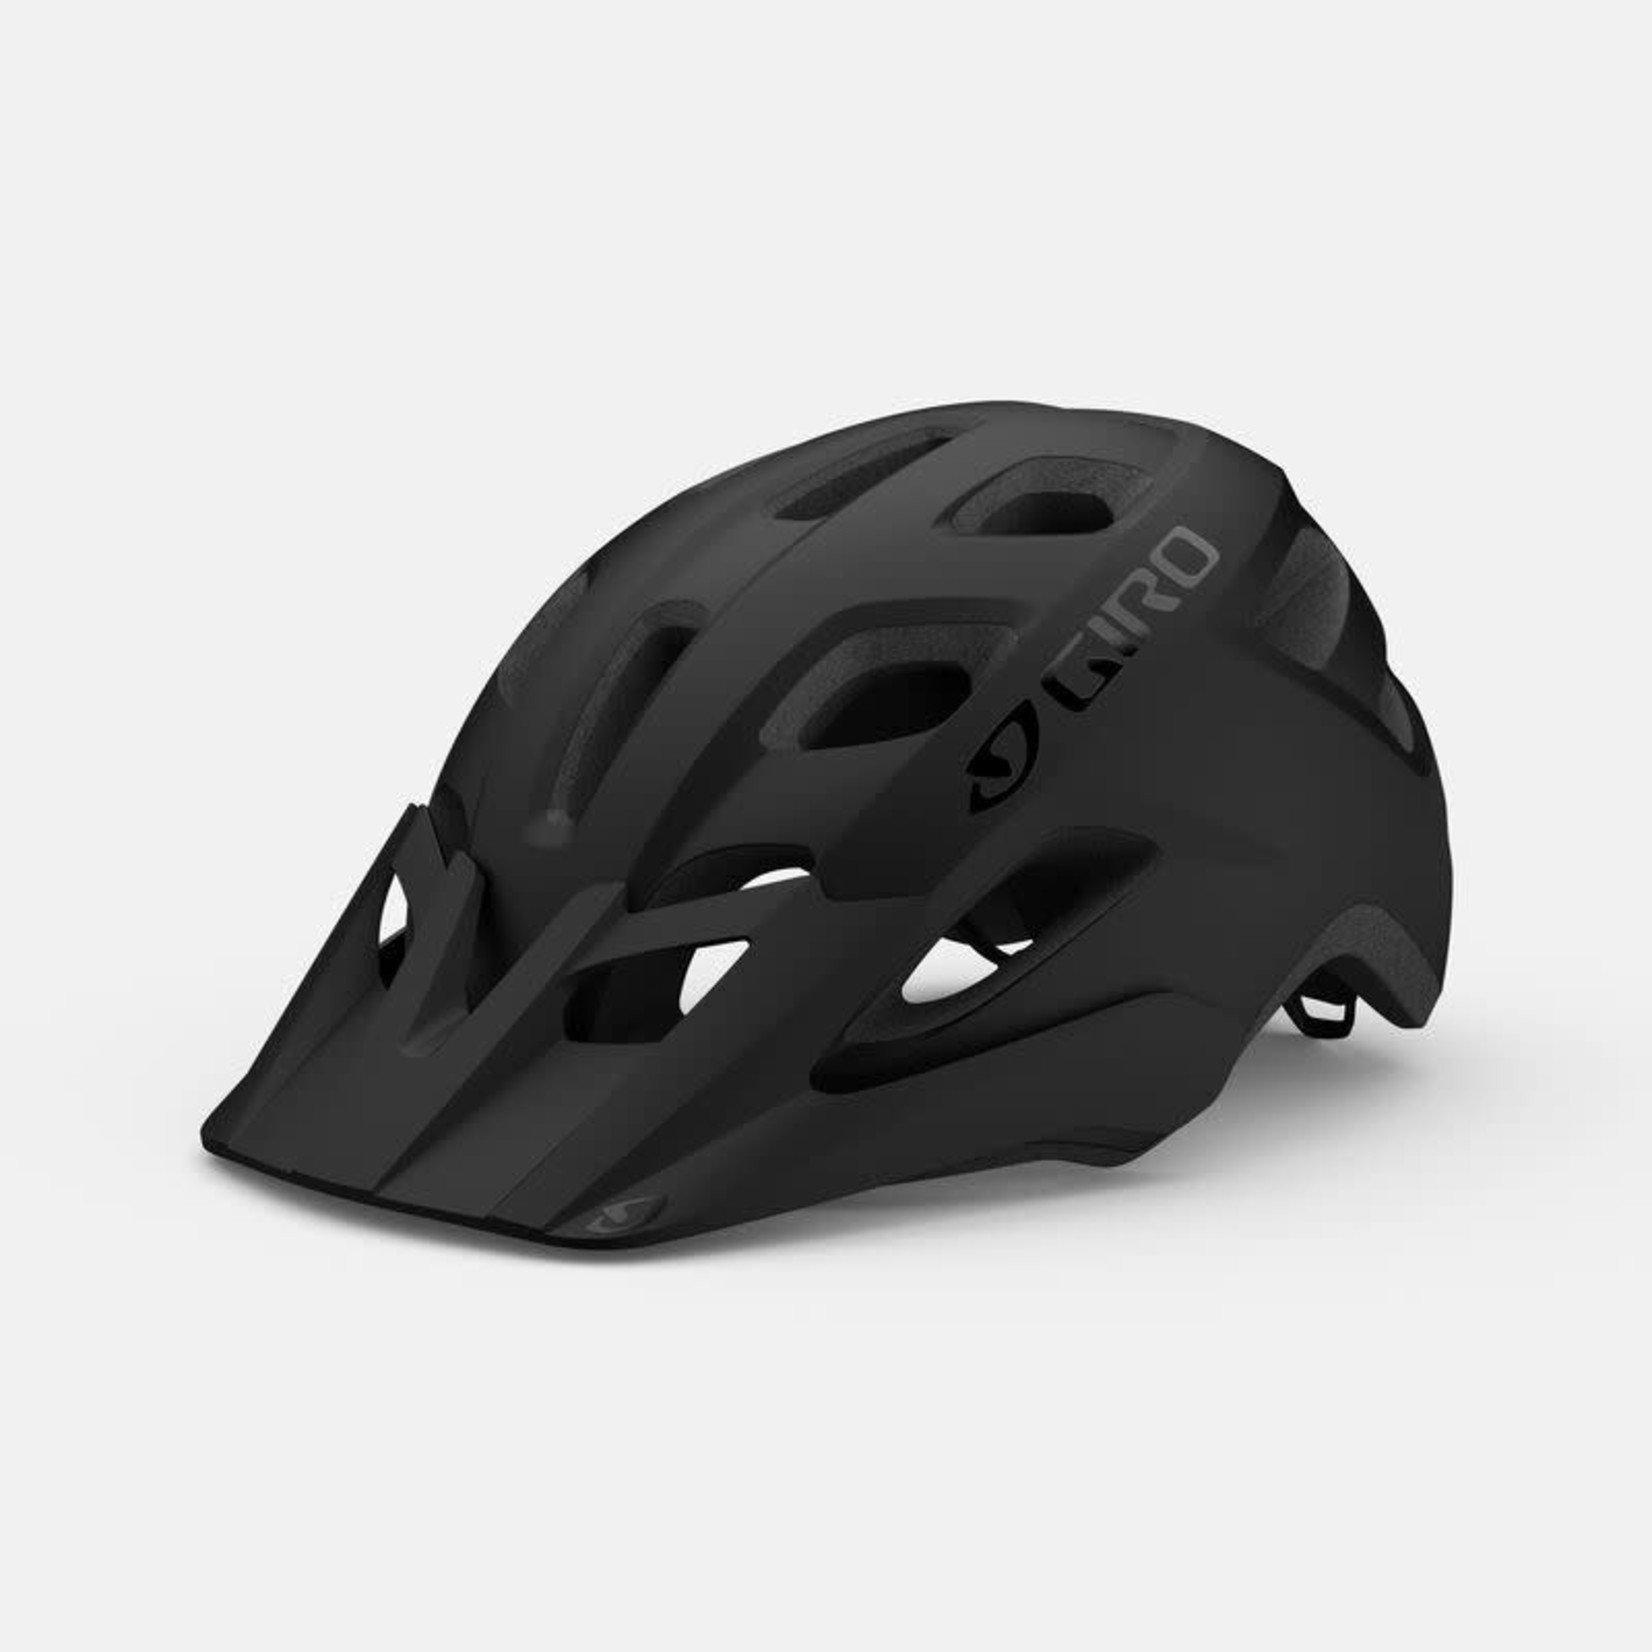 Giro Helmet - Giro Compound (Fixture XL) MIPS - XL (58-65cm)